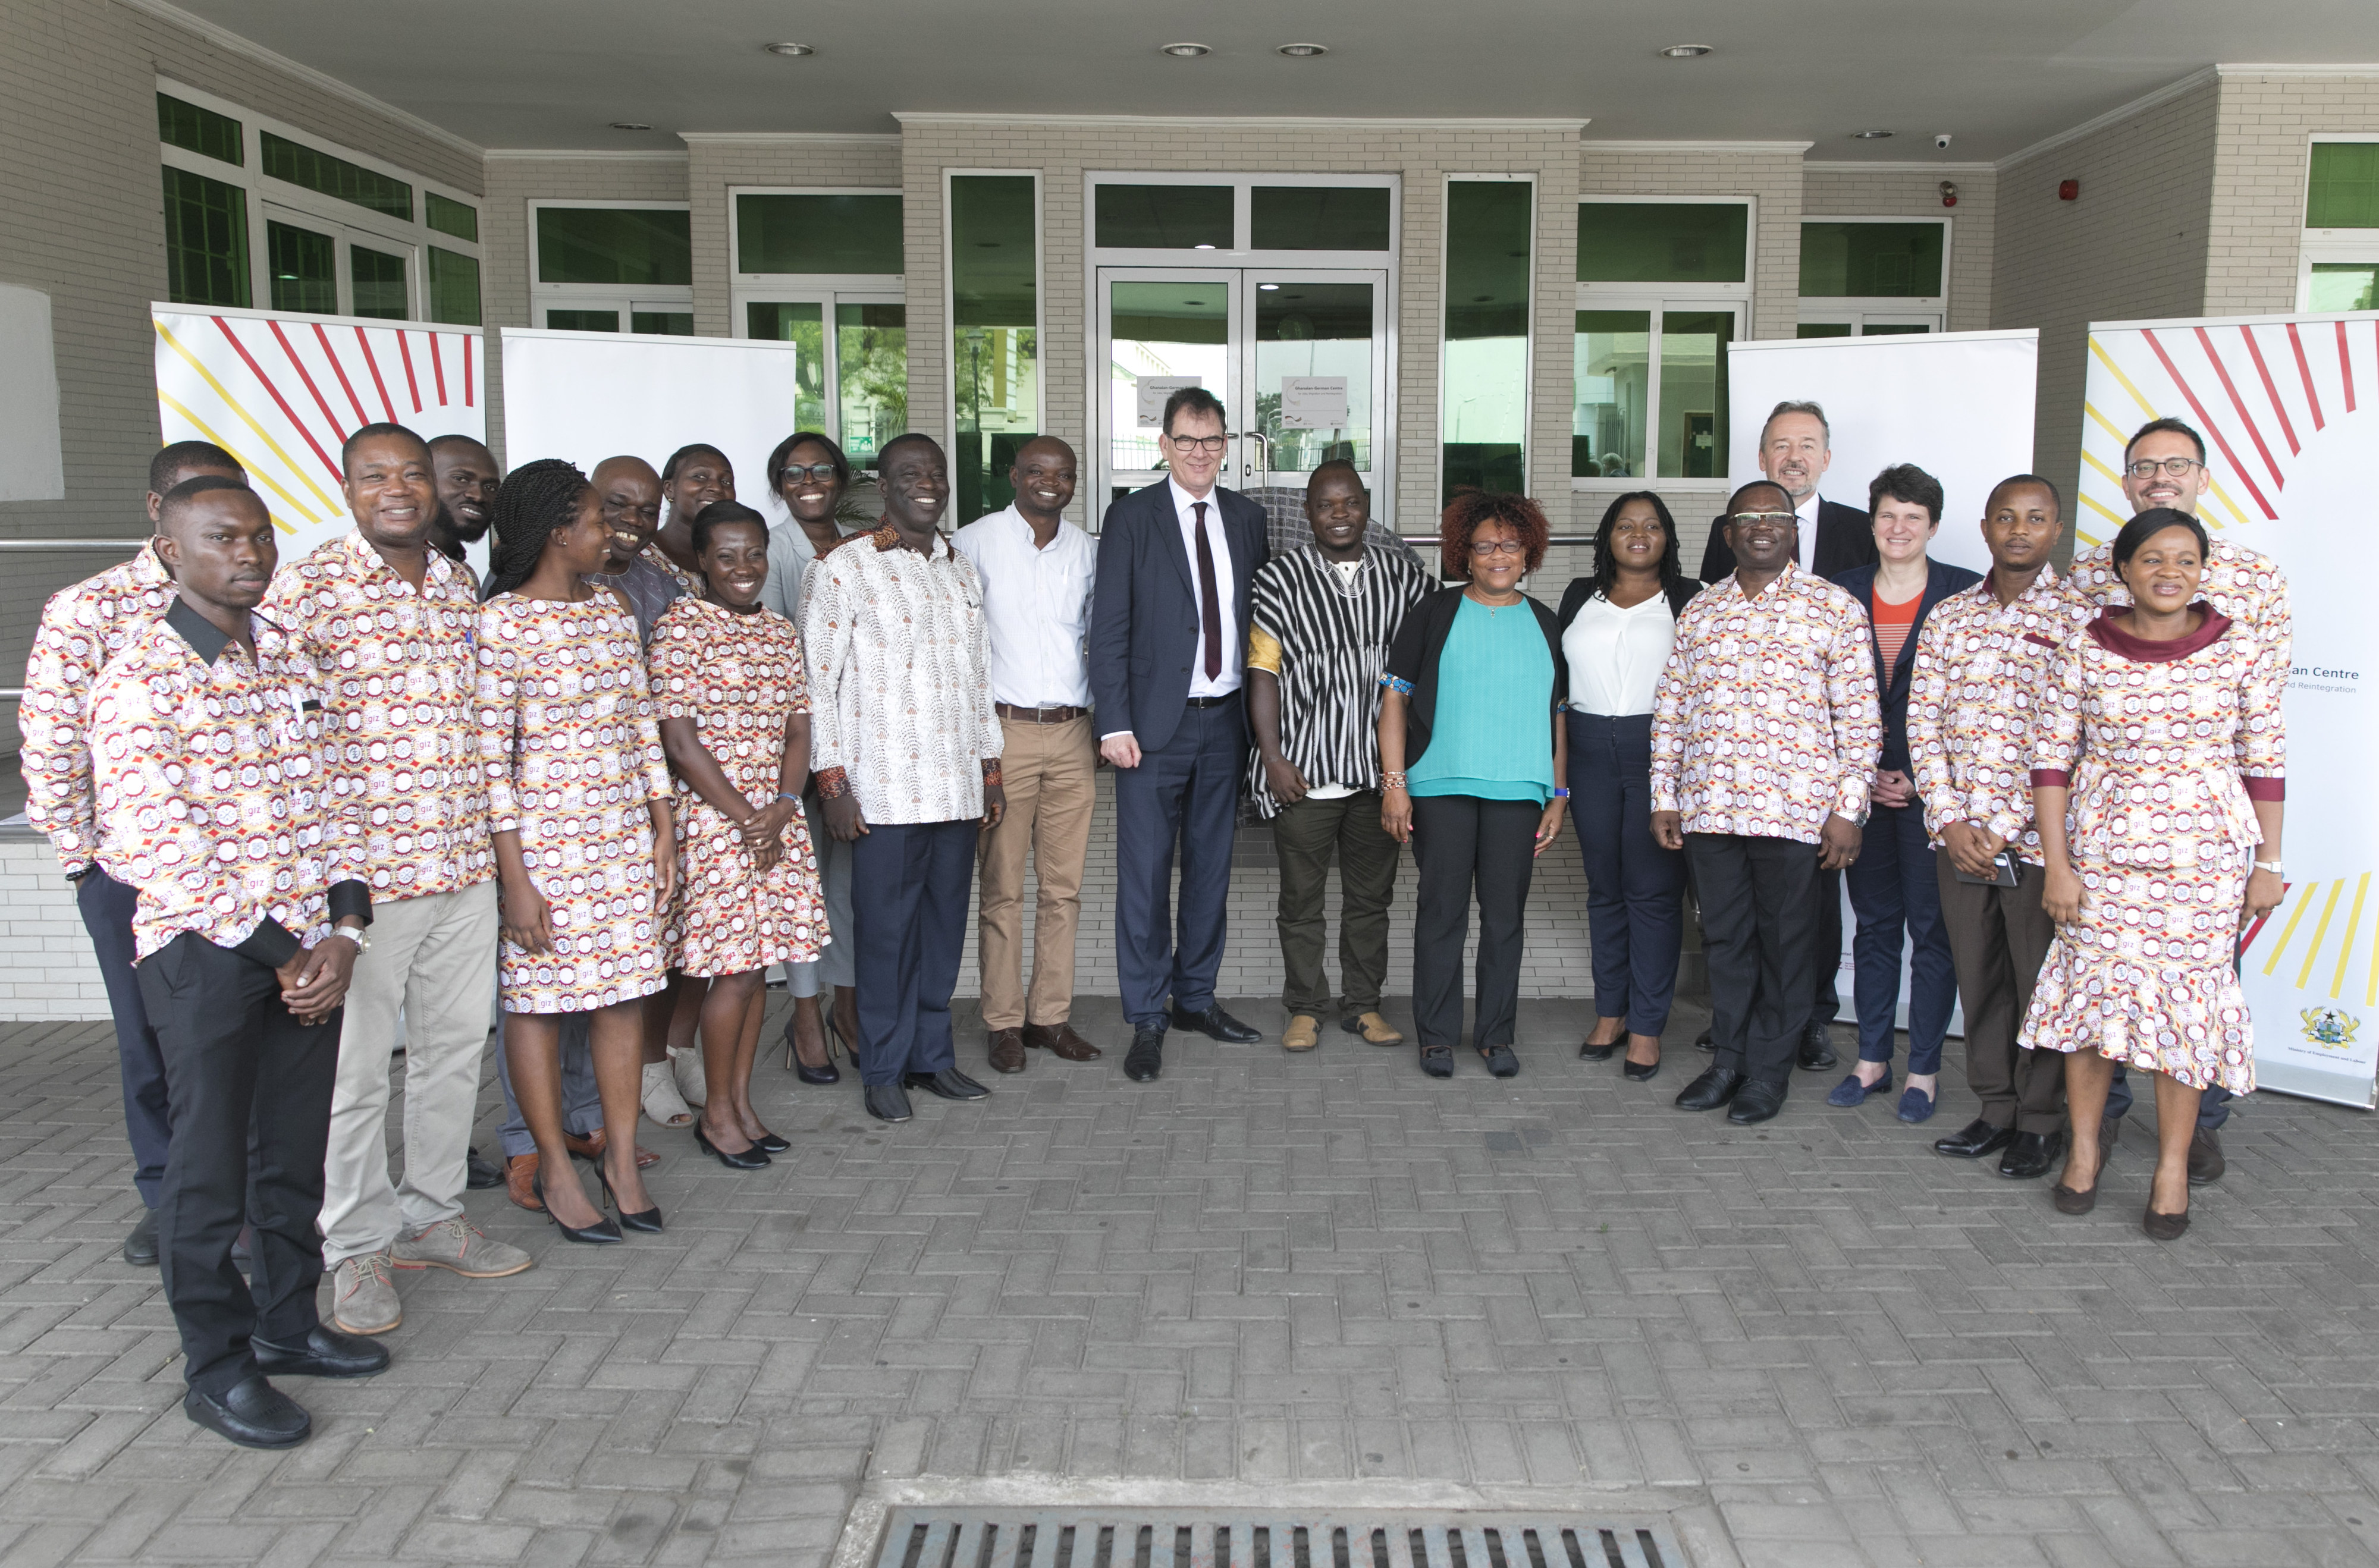 Mitarbeiterinnen und Mitarbeiter des deutsch-ghanaischen Beratungszentrum für Migranten und Rückkehrer in Accra, Ghana. Das Beratungszentrum wurde im Dezember 2017 eröffnet und hat seitdem mehr als 7.000 Maßnahmen zur Jobvermittlung, Existenzgründung und Qualifizierung gefördert.